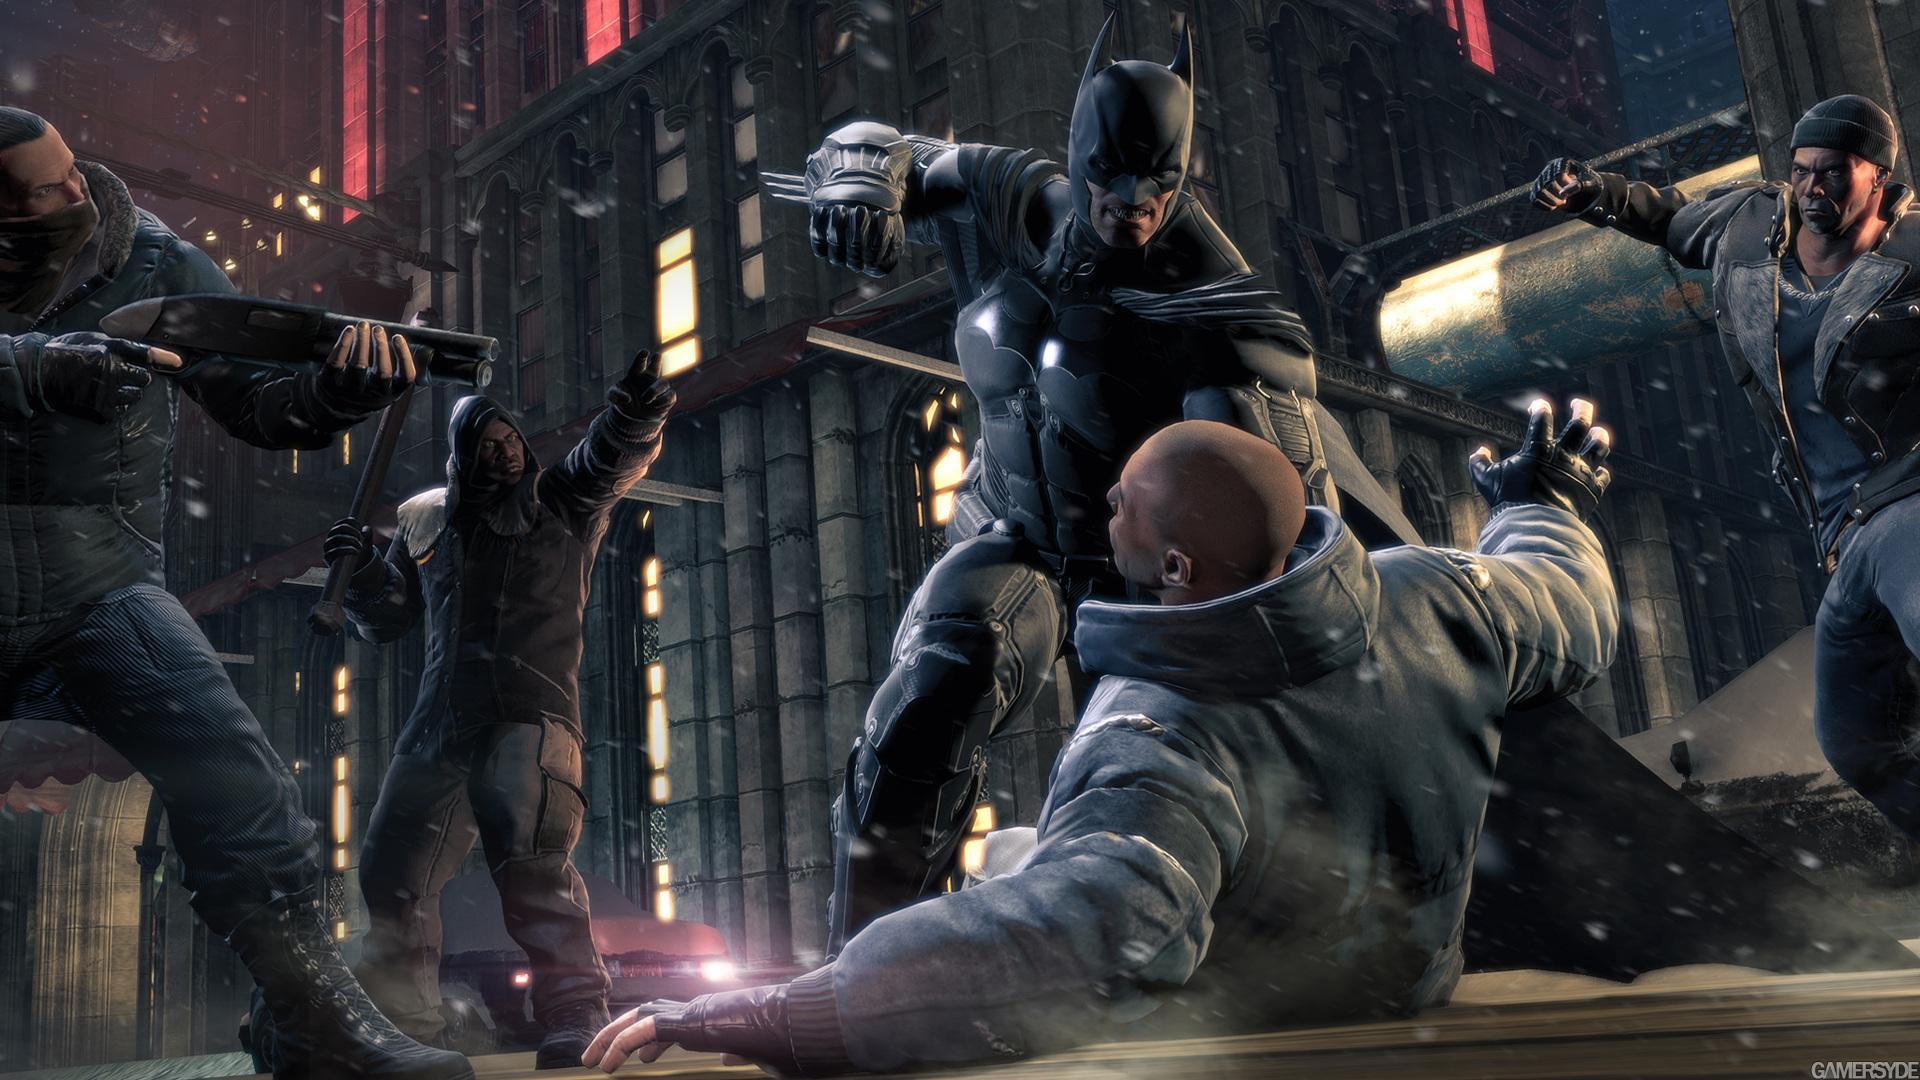 تصاویر + تریلری جدید از بازی Batman Arkham Origins